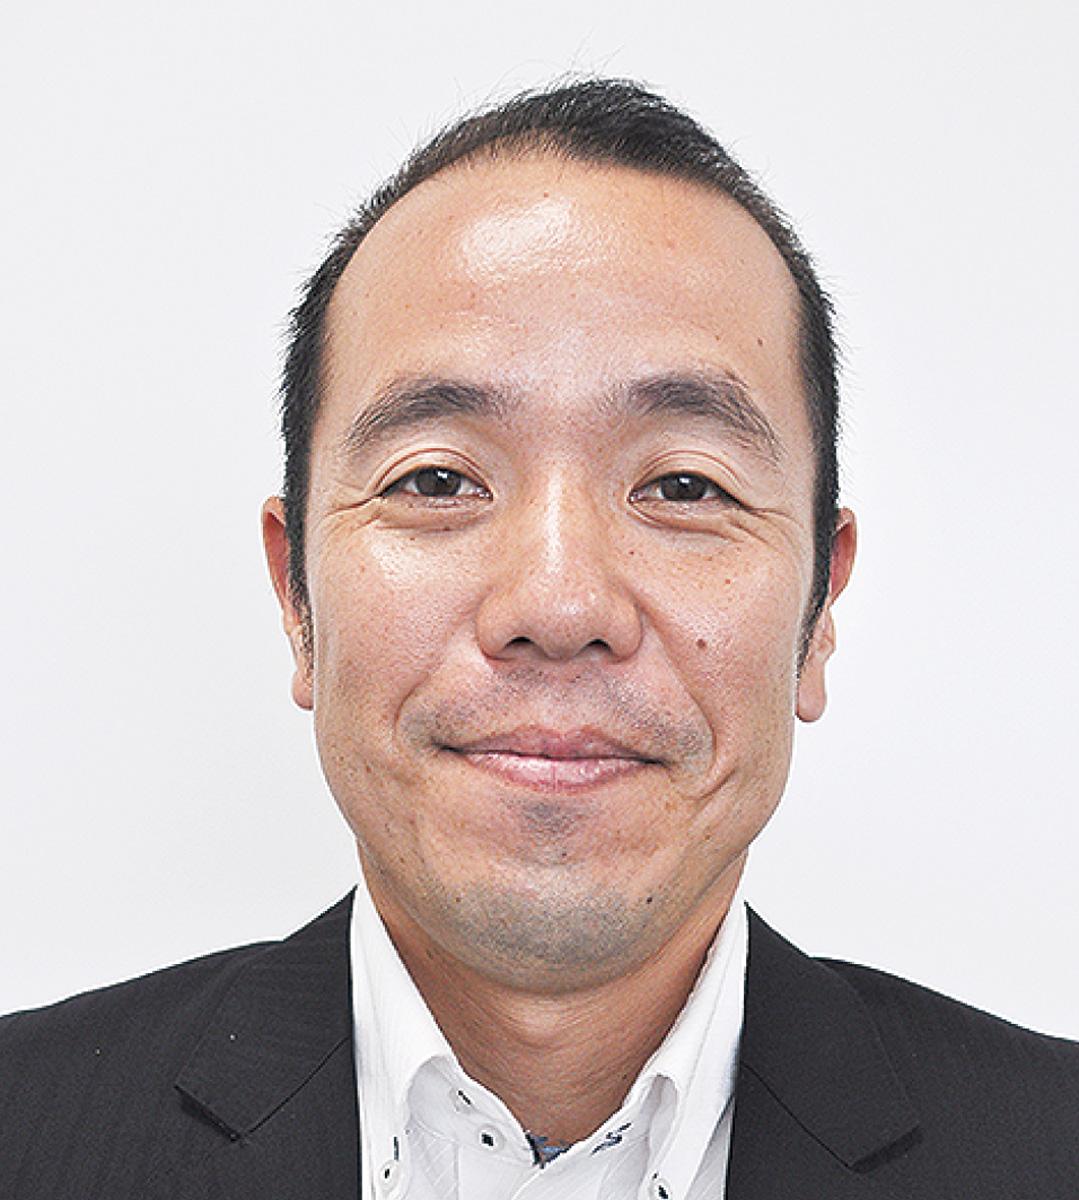 会長 井上 裕介さん